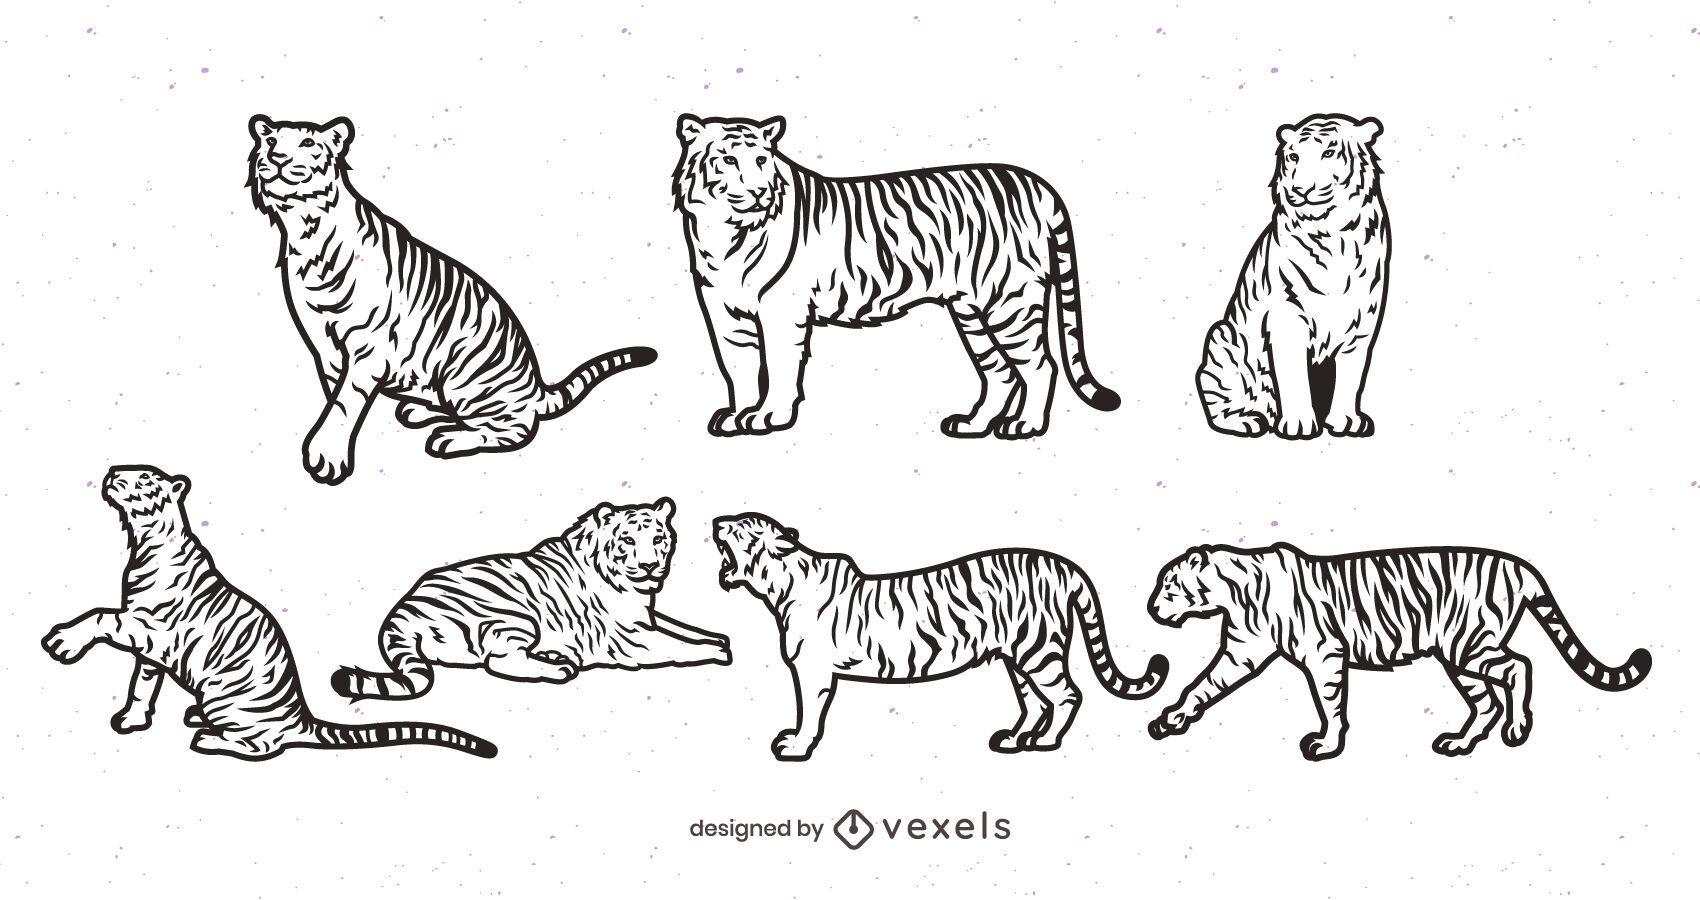 Tiger stroke set design